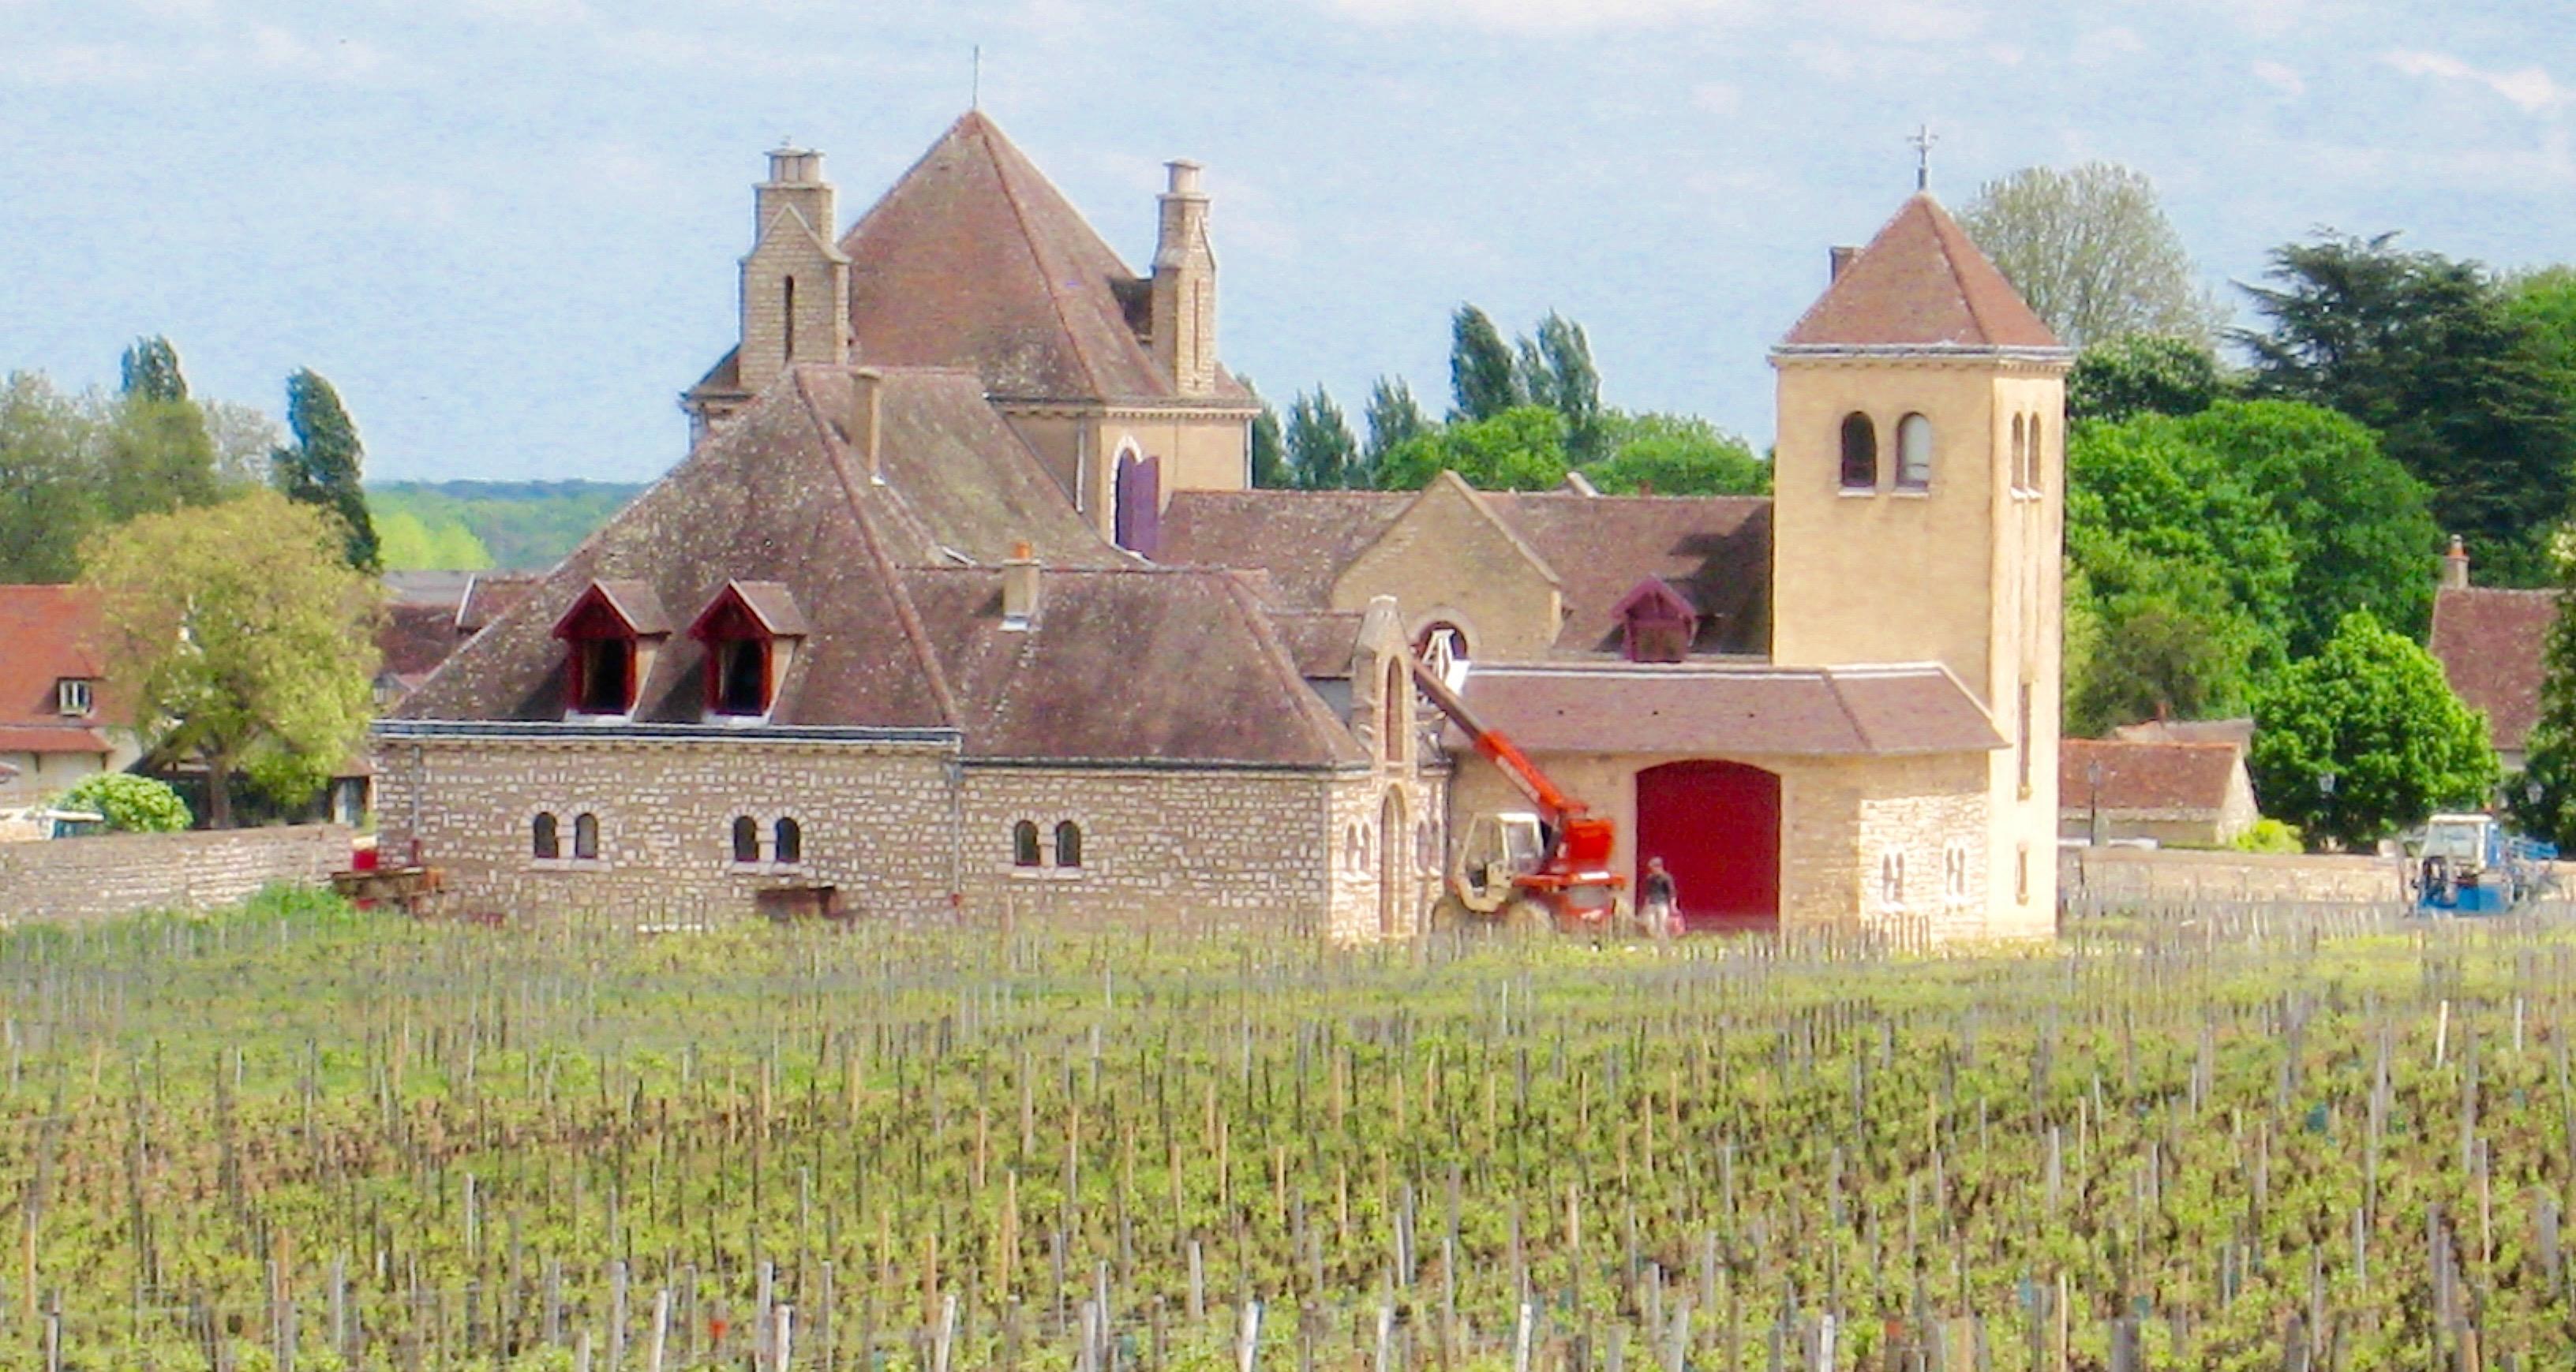 Clos de Vougeot winery